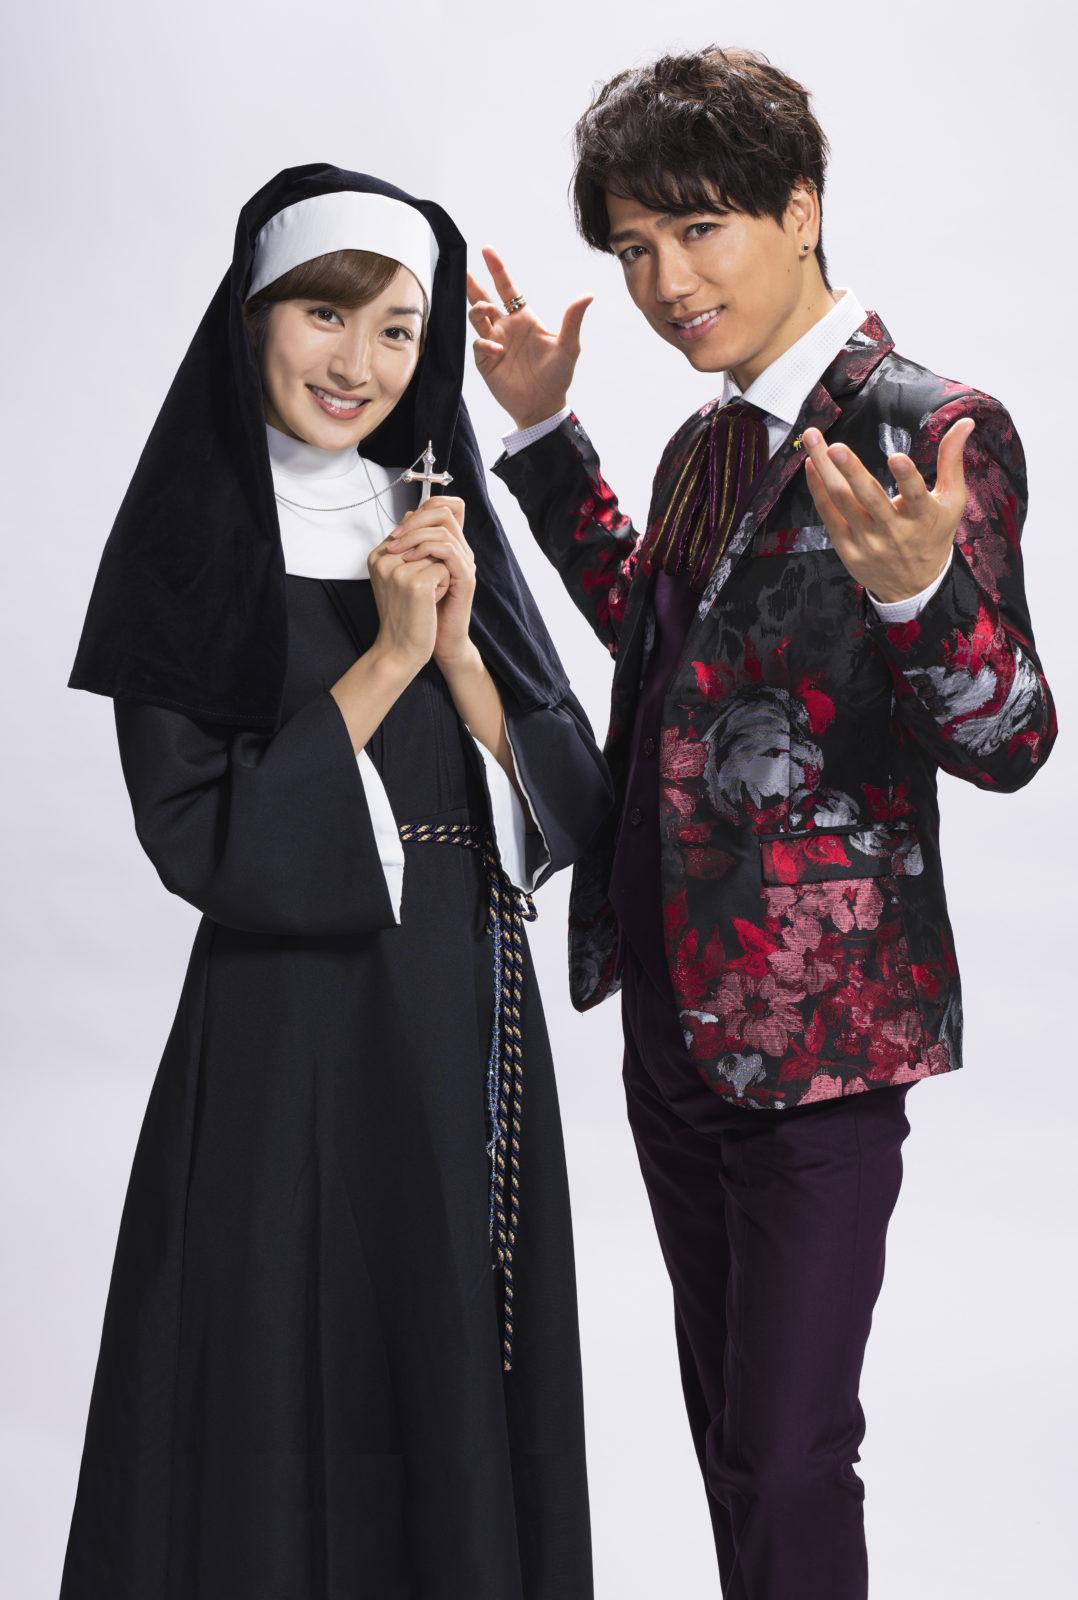 7月スタートドラマ「あいの結婚相談所」で山崎育三郎が初主演。共演の高梨臨は「完璧な王子さま、山崎さんのいろいろな面が見られたら」サムネイル画像